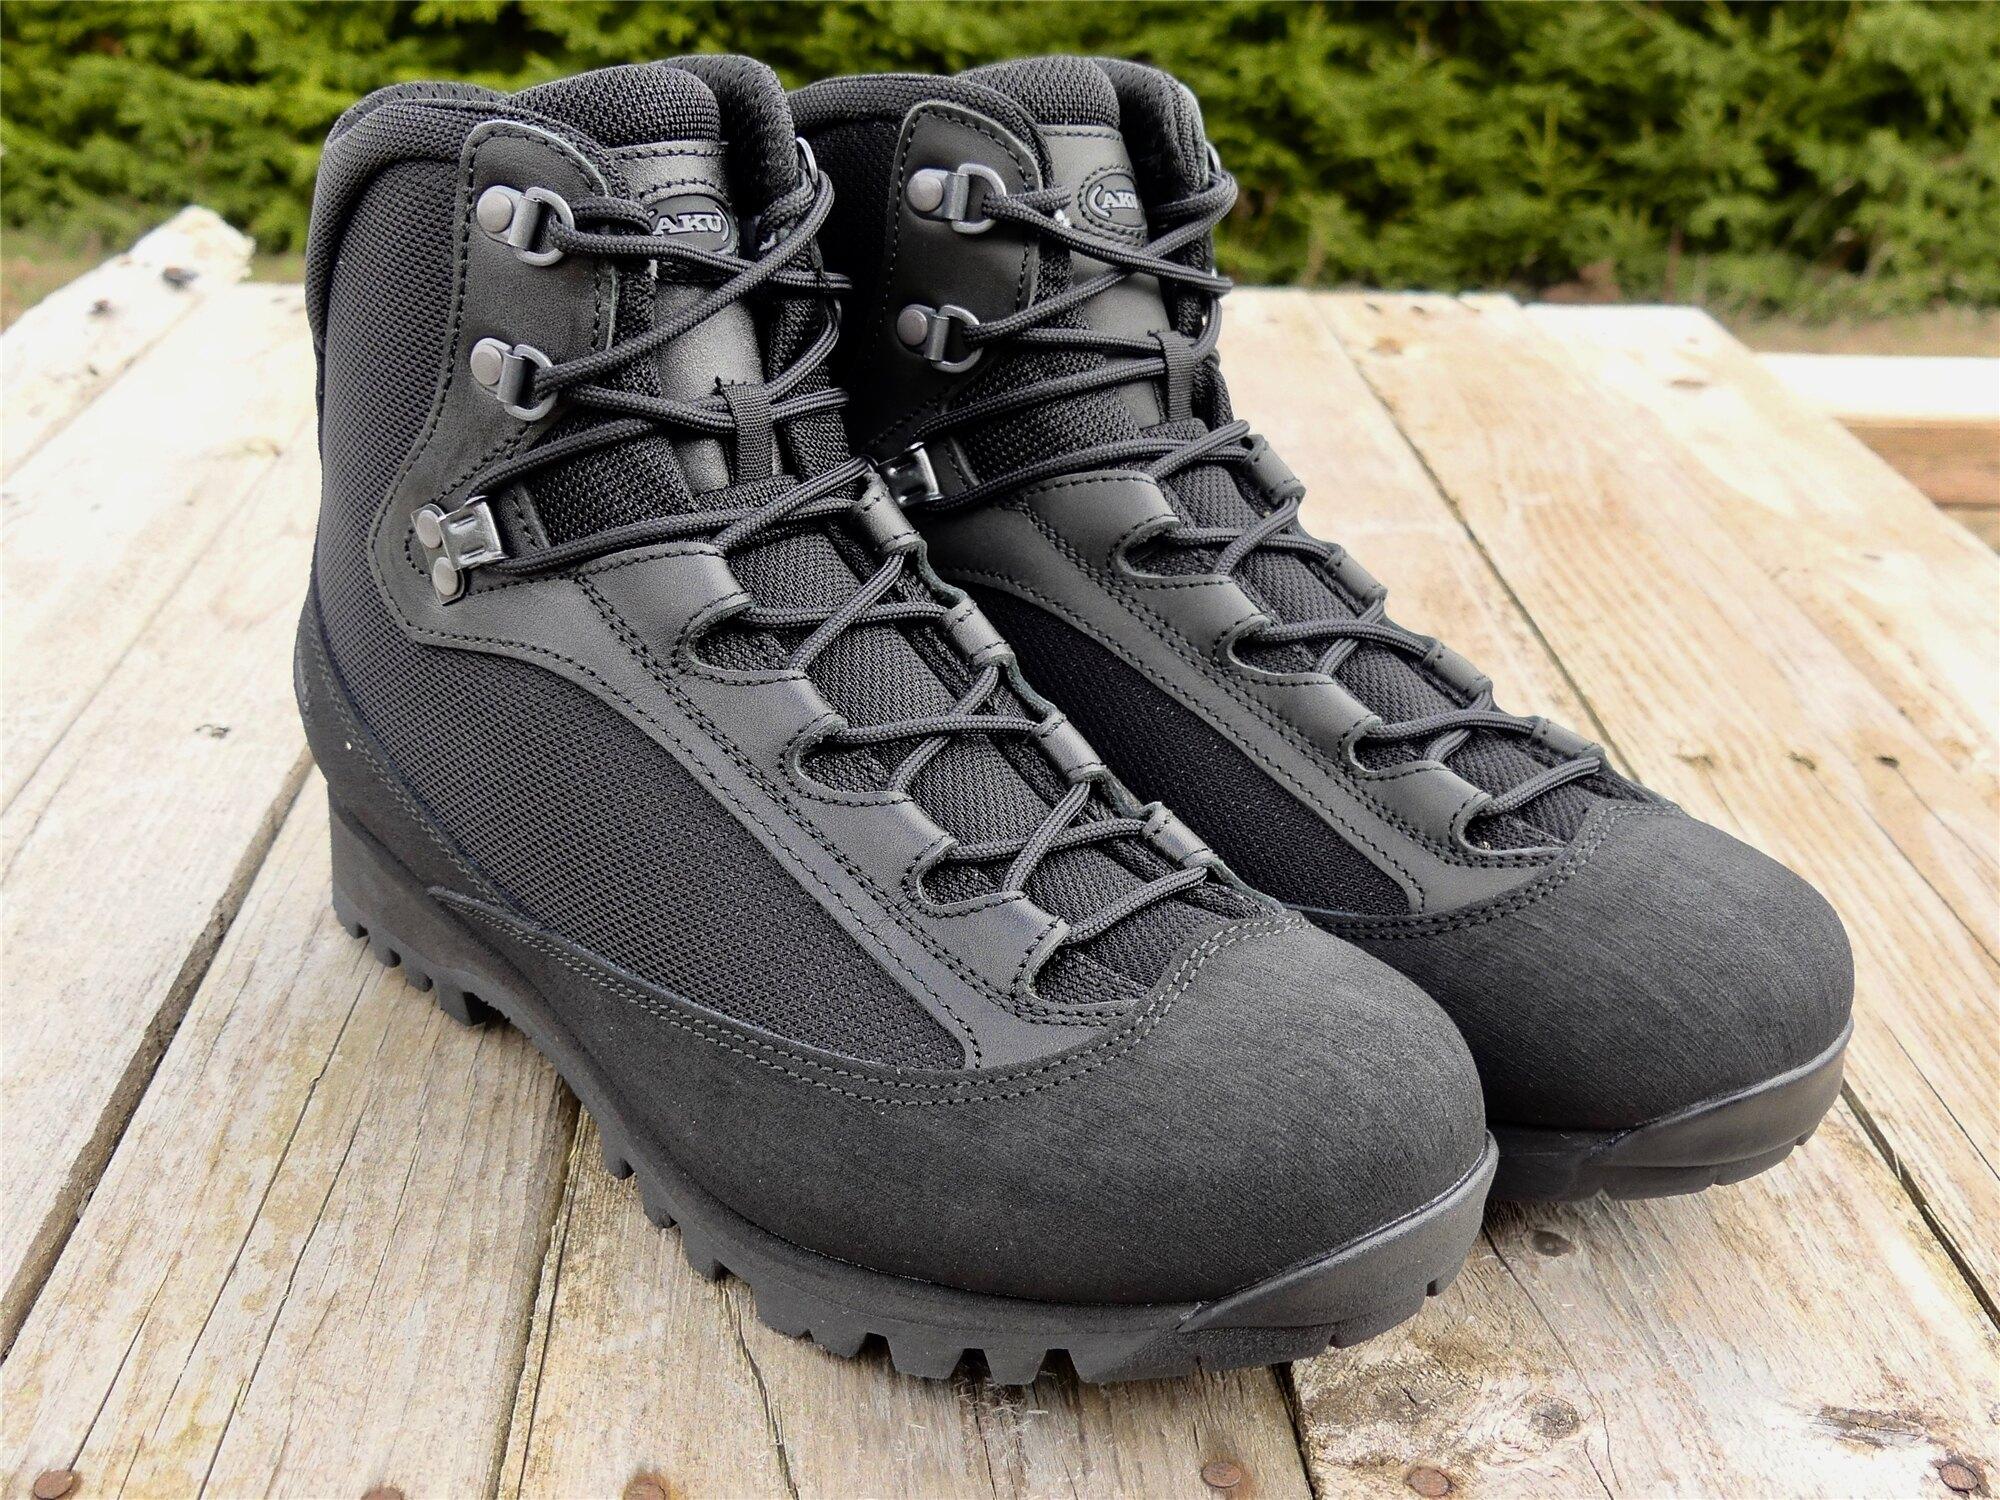 Topánky AKU Tactical® Pilgrim GTX® Combat FG M - čierne (Farba: Čierna, Veľkosť: 46 (EU))